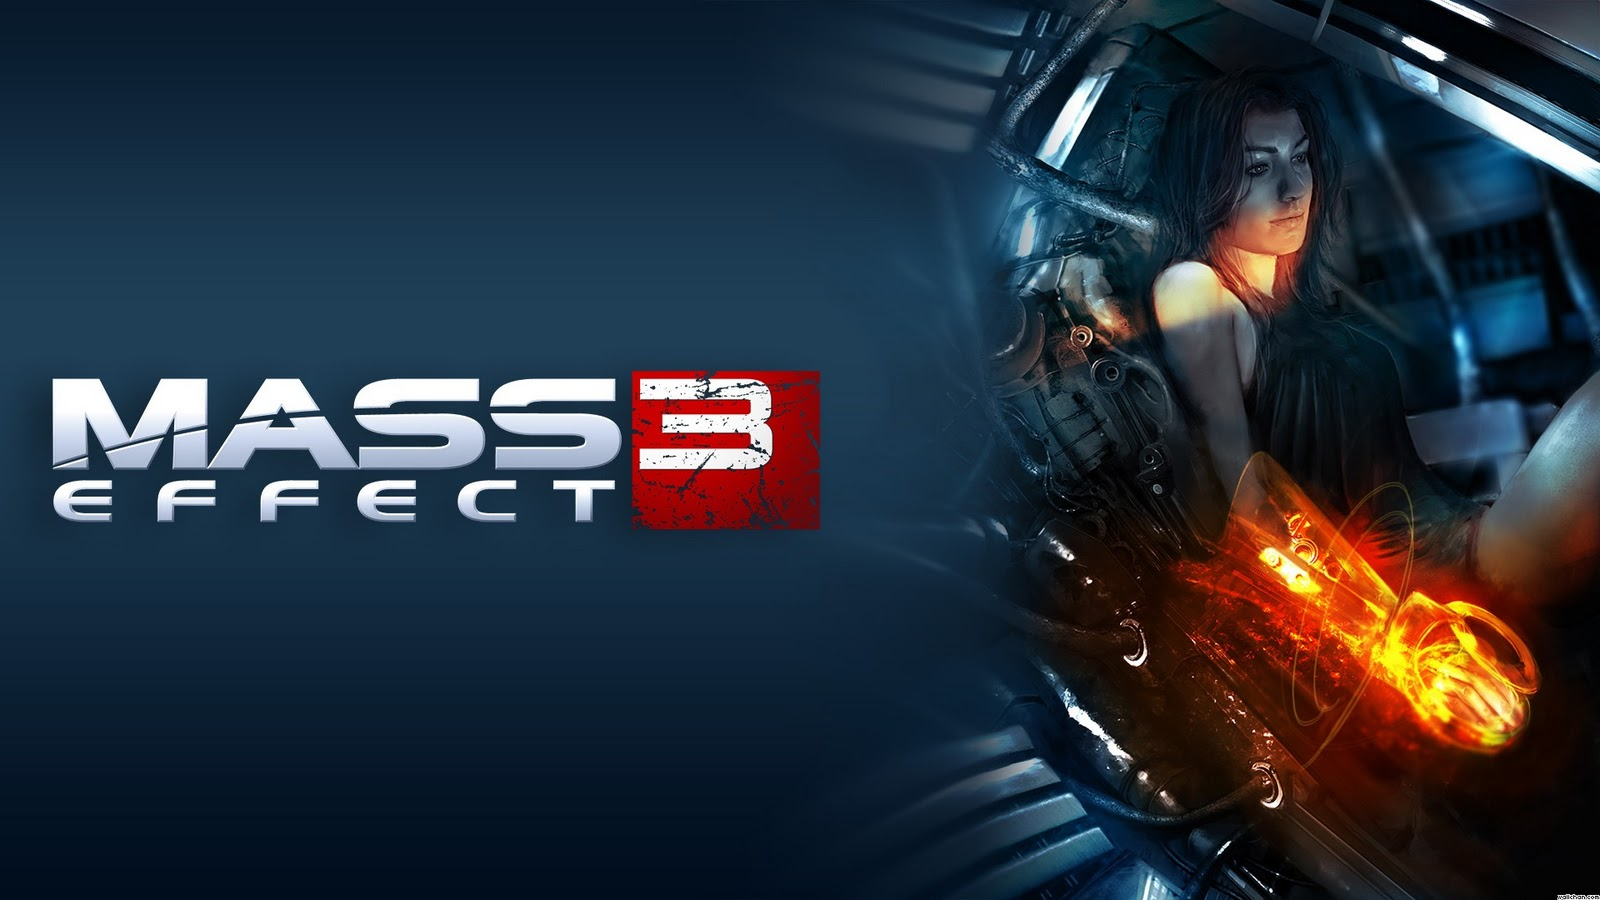 http://4.bp.blogspot.com/-bP99FU2Jp5g/TtlO7pJE1PI/AAAAAAAAJjQ/ZUlVn01lEyg/s1600/Mass+Effect+3+HD+Wallpapers%252C+Game+Wallpaper+1.jpg